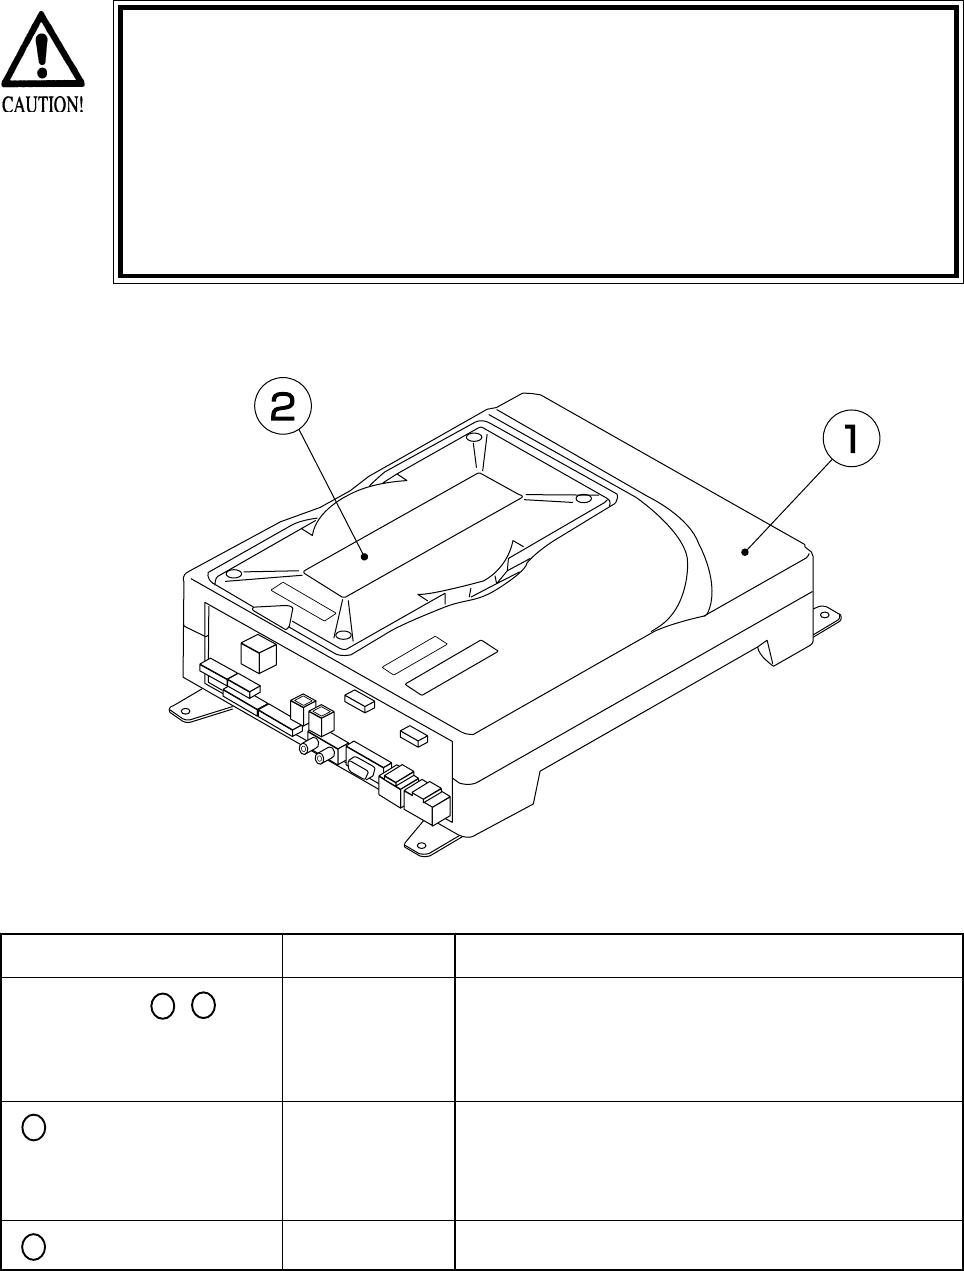 Sega Genesis 2 Users Manual Cover Wiring Diagram 28